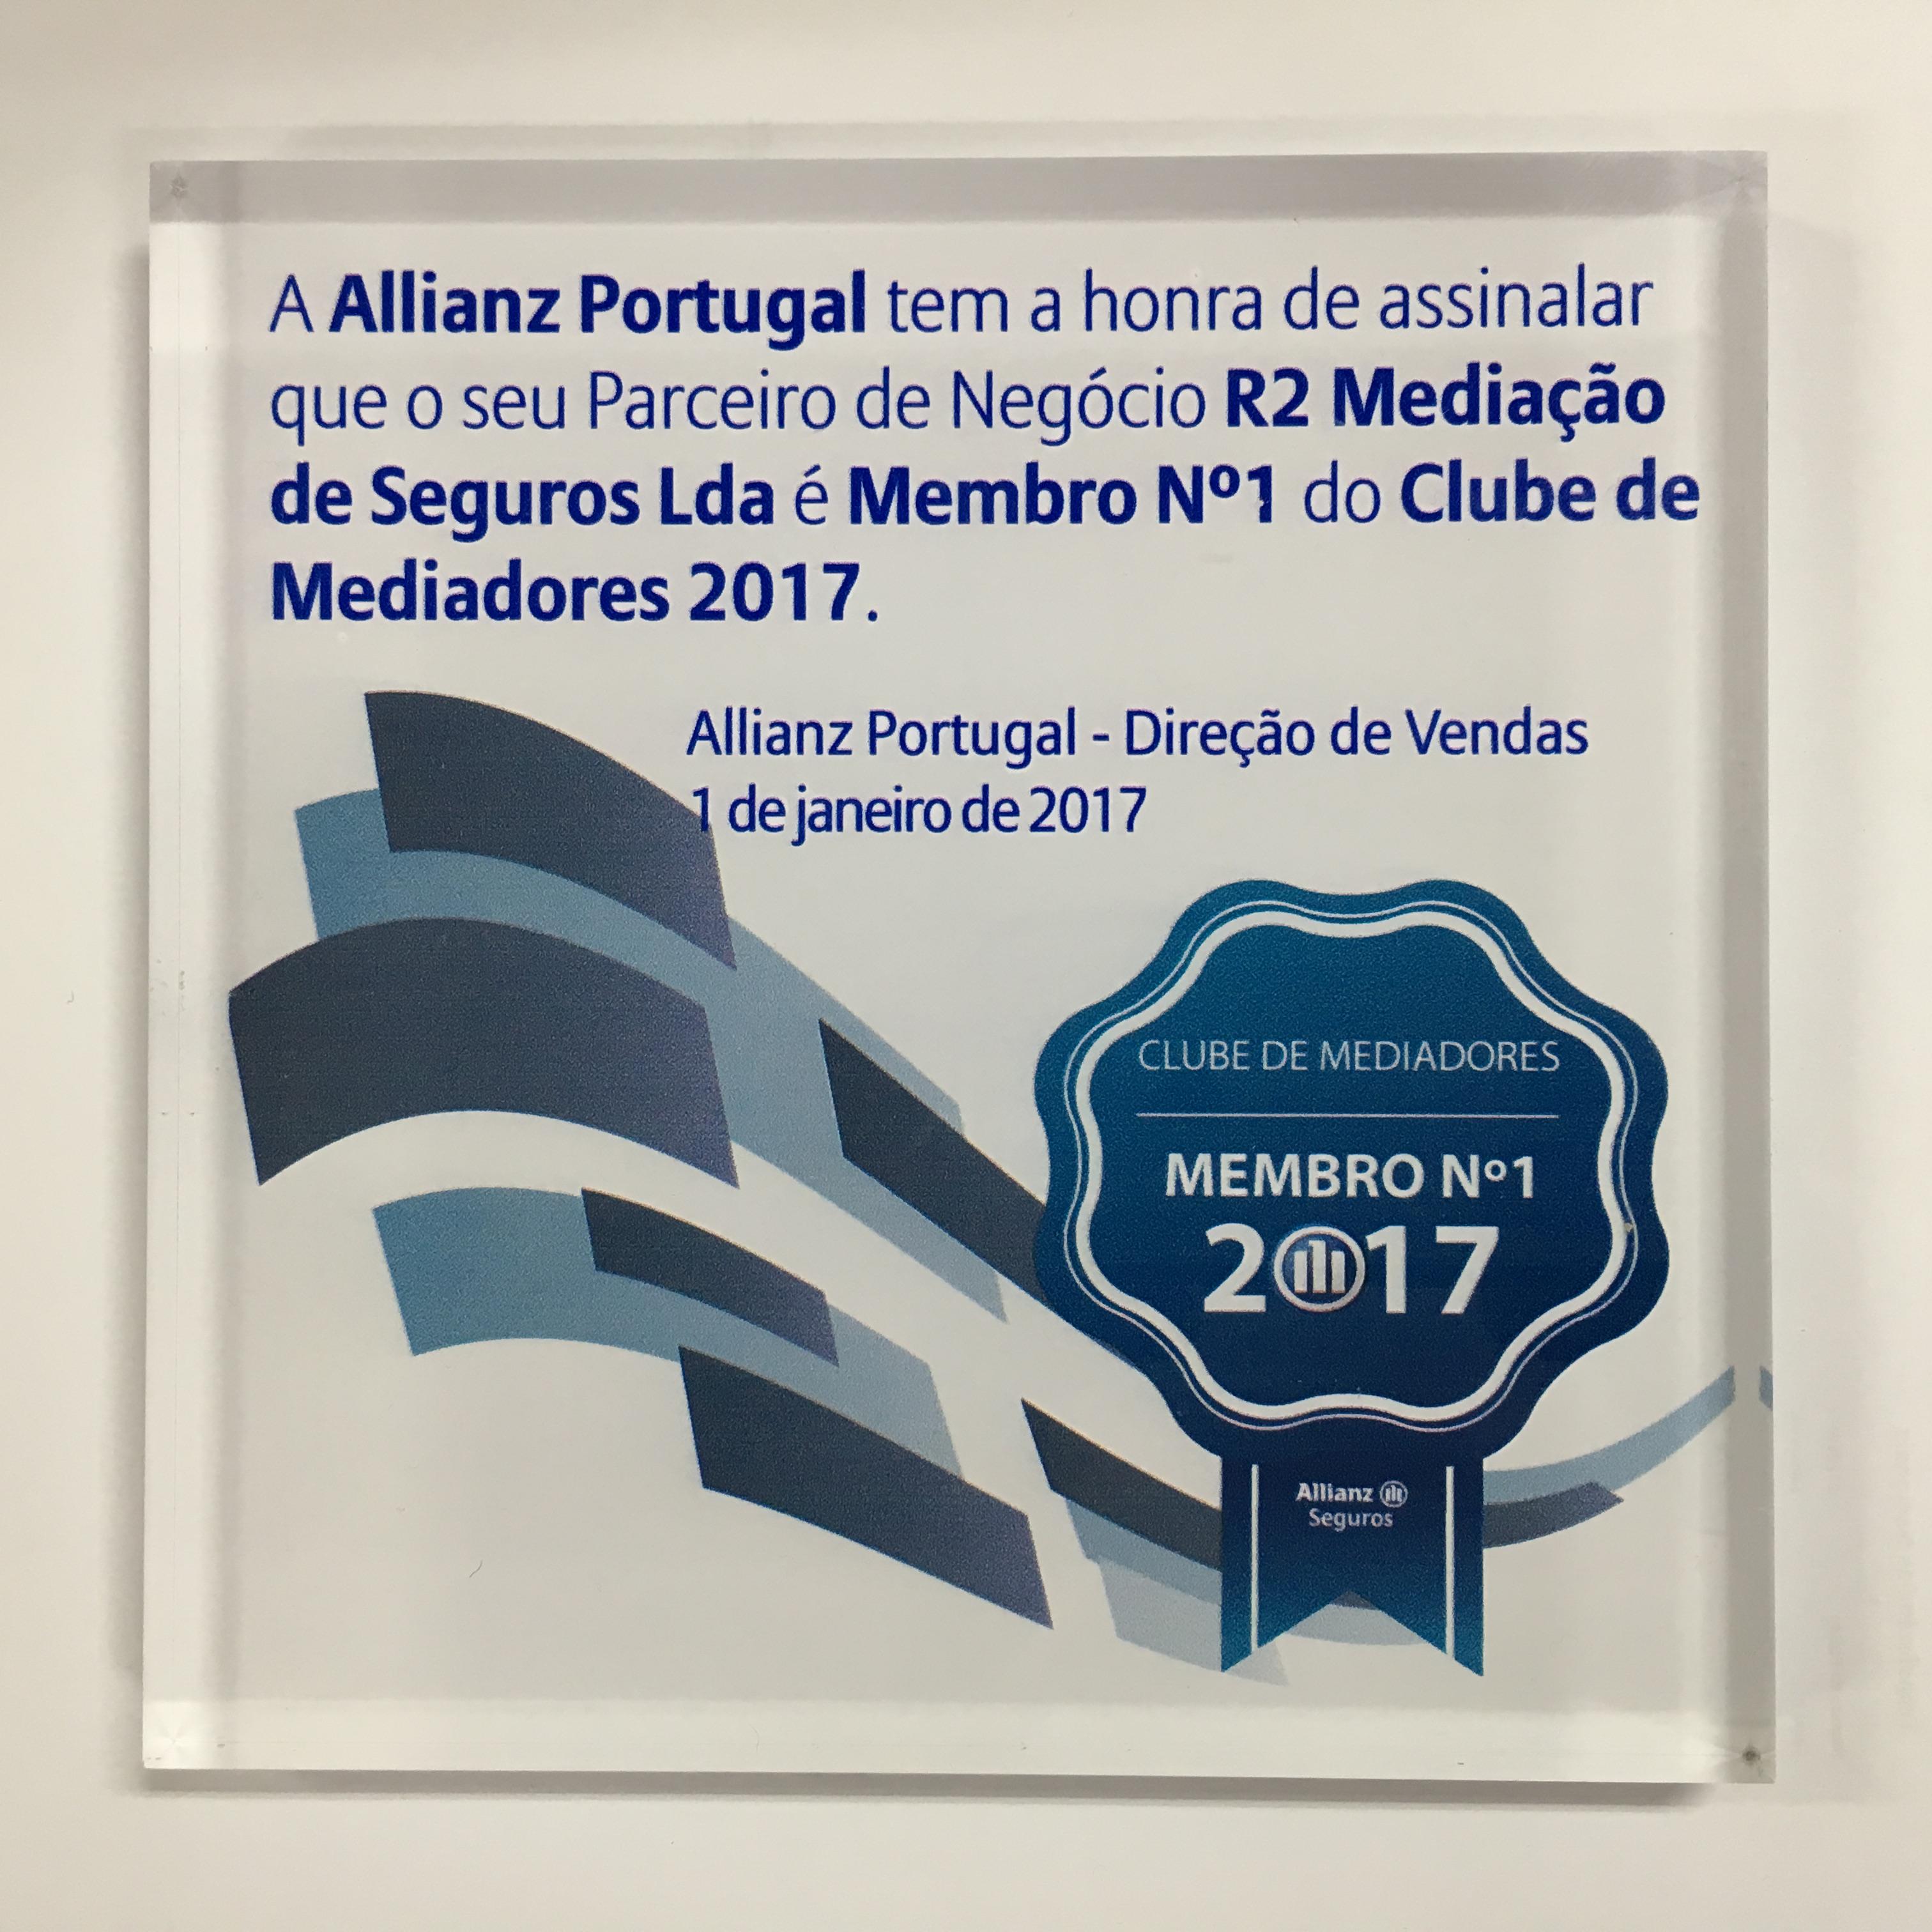 Member Nº1 of Agents Club 2017 by Allianz R2 - Mediação de Seguros Lda. 1